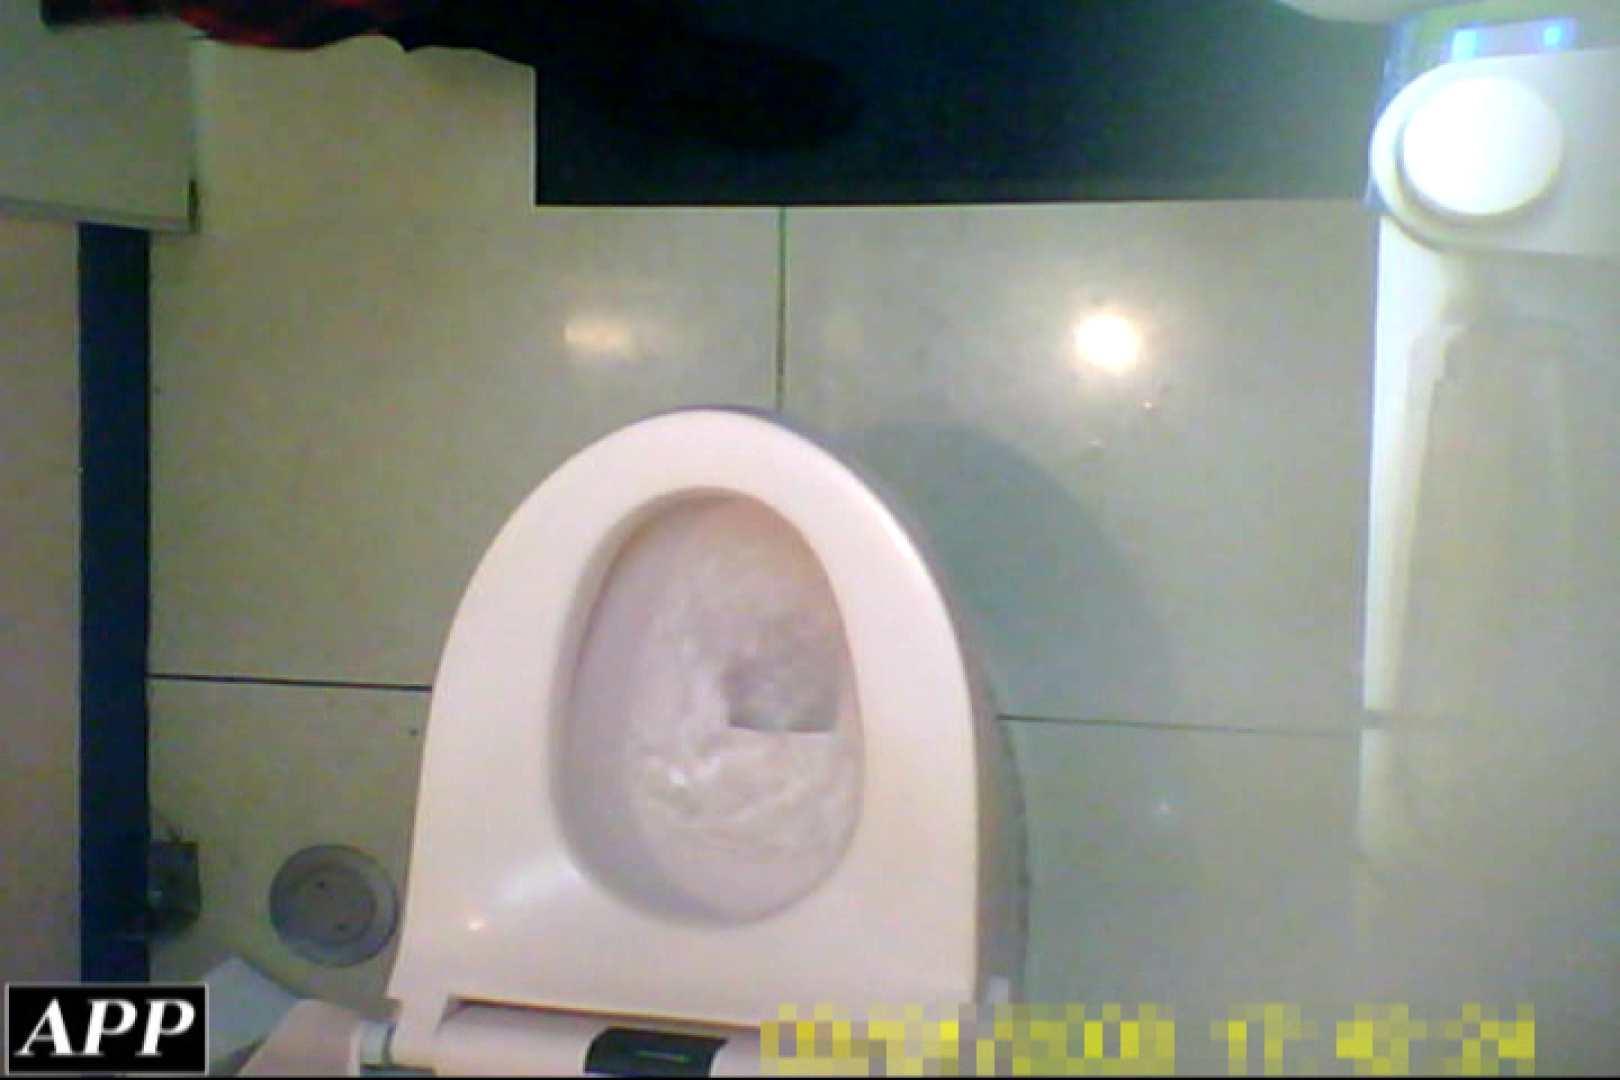 3視点洗面所 vol.04 オマンコ  95pic 19